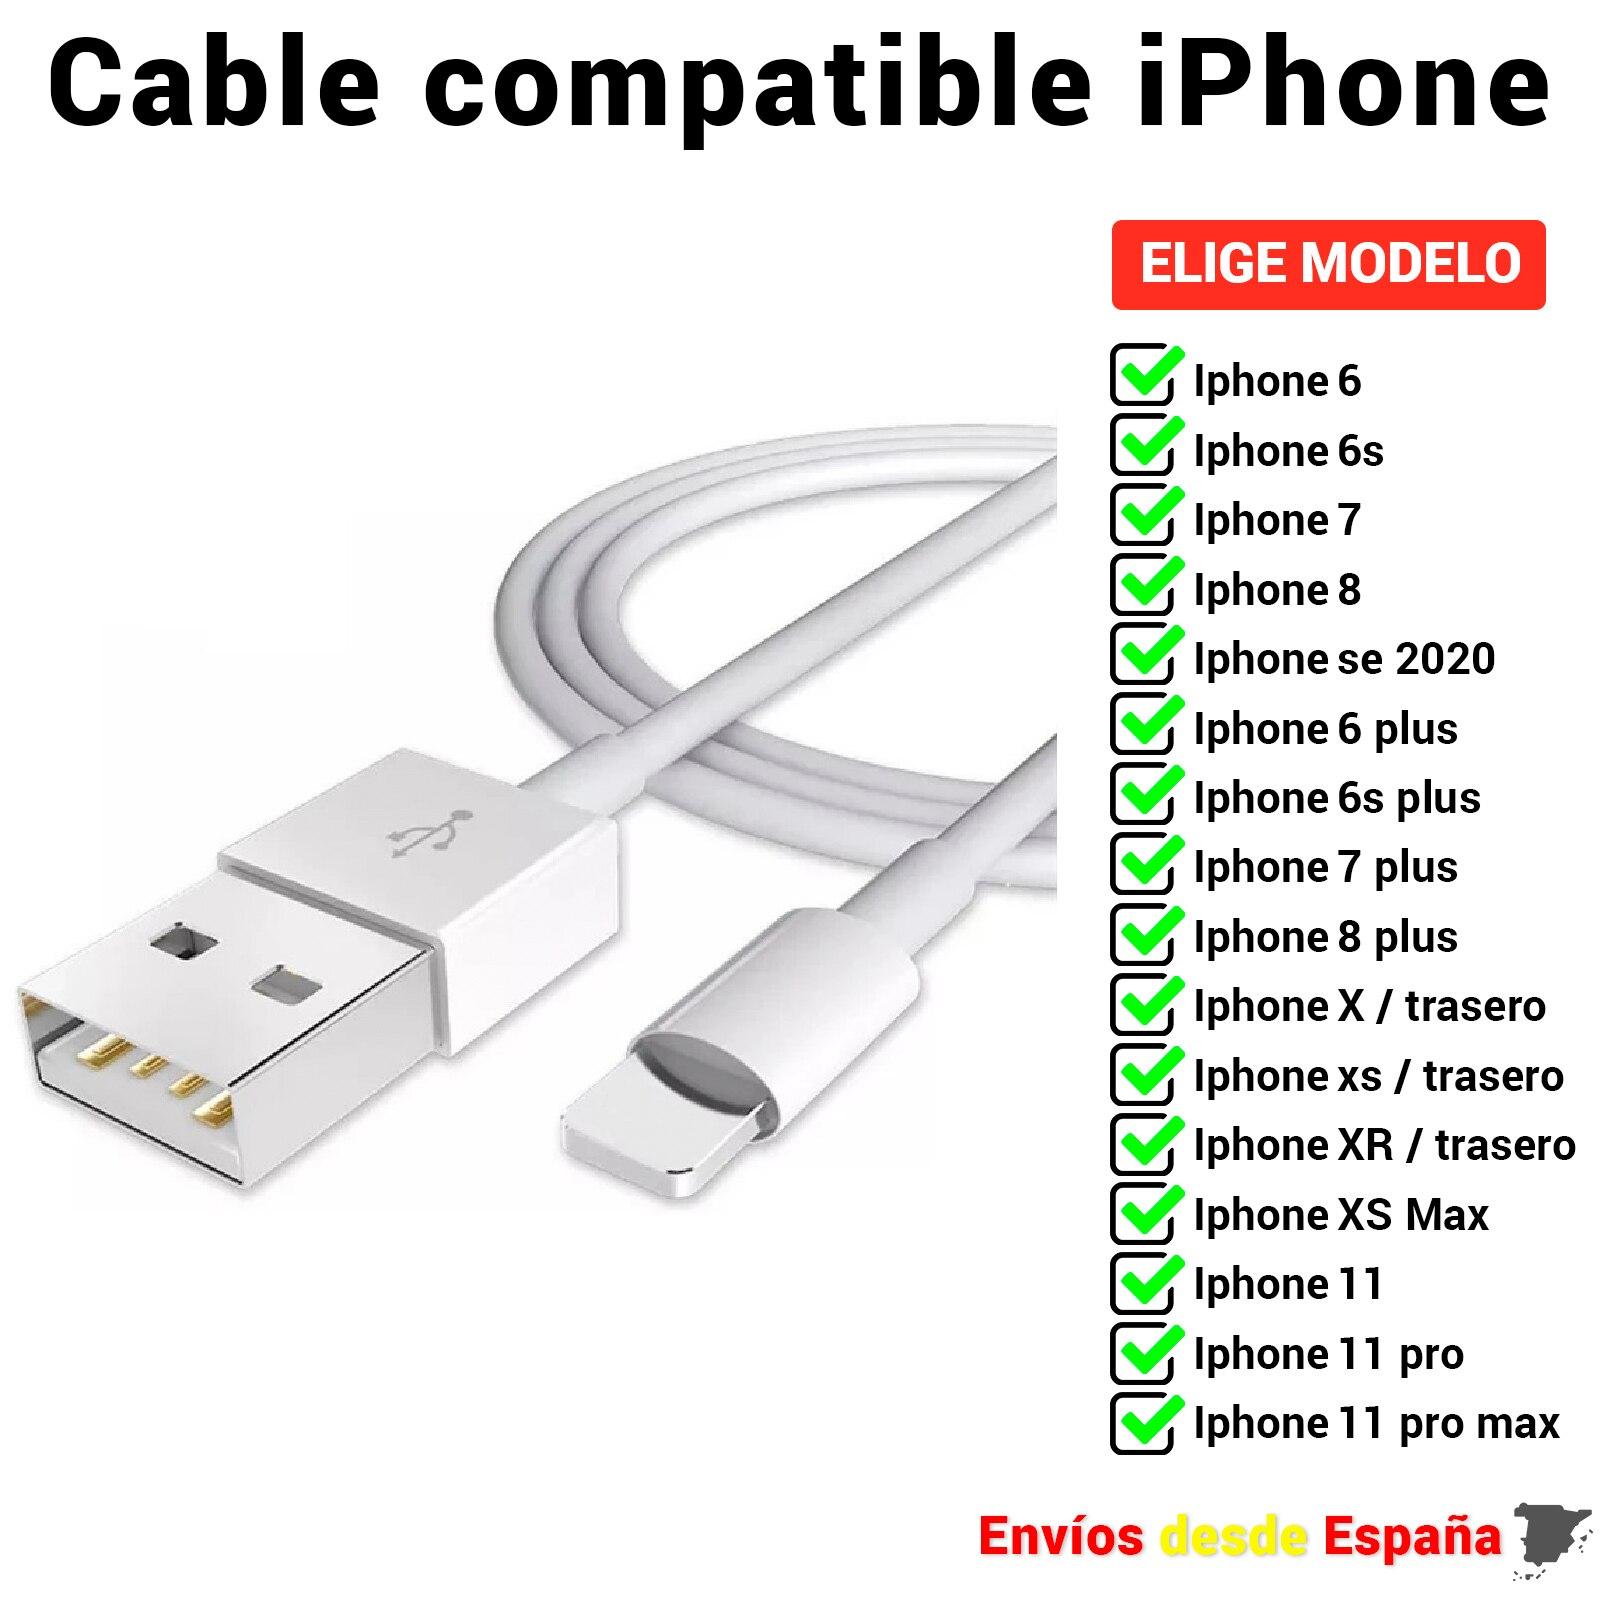 Быстро штырьковые USB шнуры для зарядки и передачи данных, совместимый с iPhone 5 5C 5S 6 6S 7 plus X XS XR 11 12 Pro SE Max